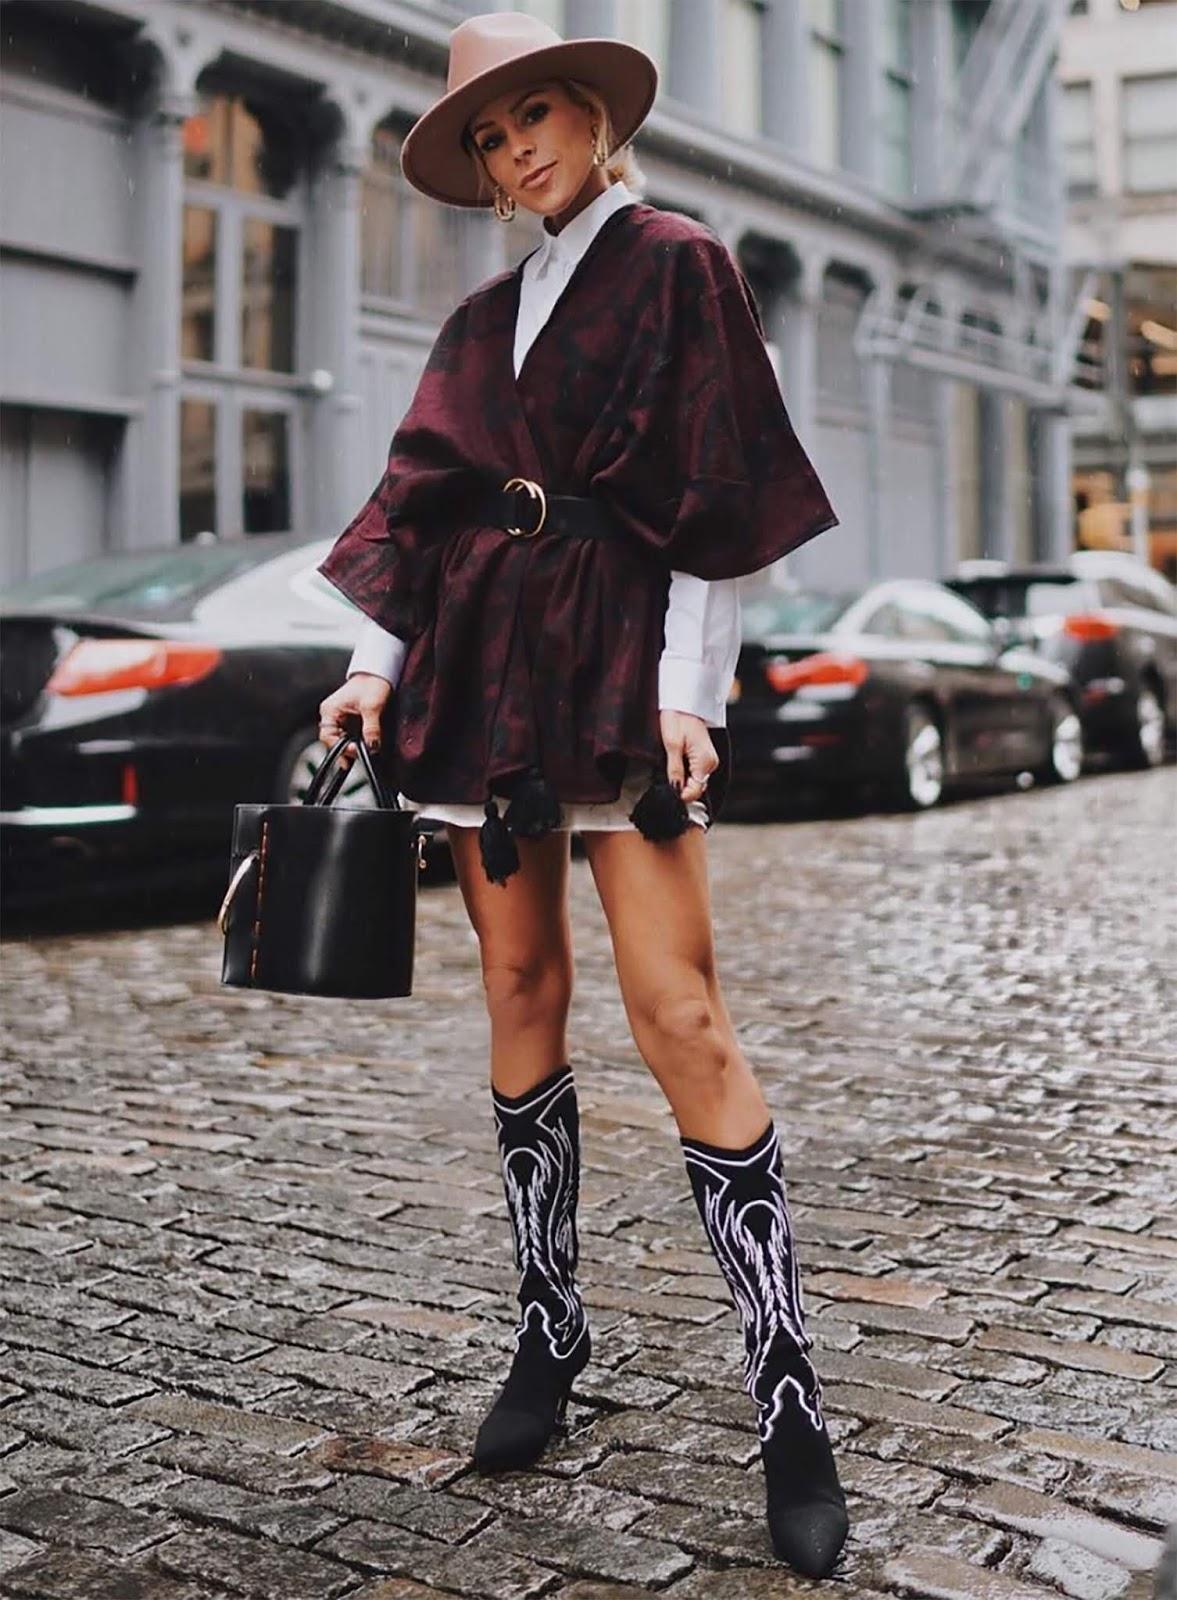 botas inverno 2019 para amar onde comprar botas anadodia ana do dia